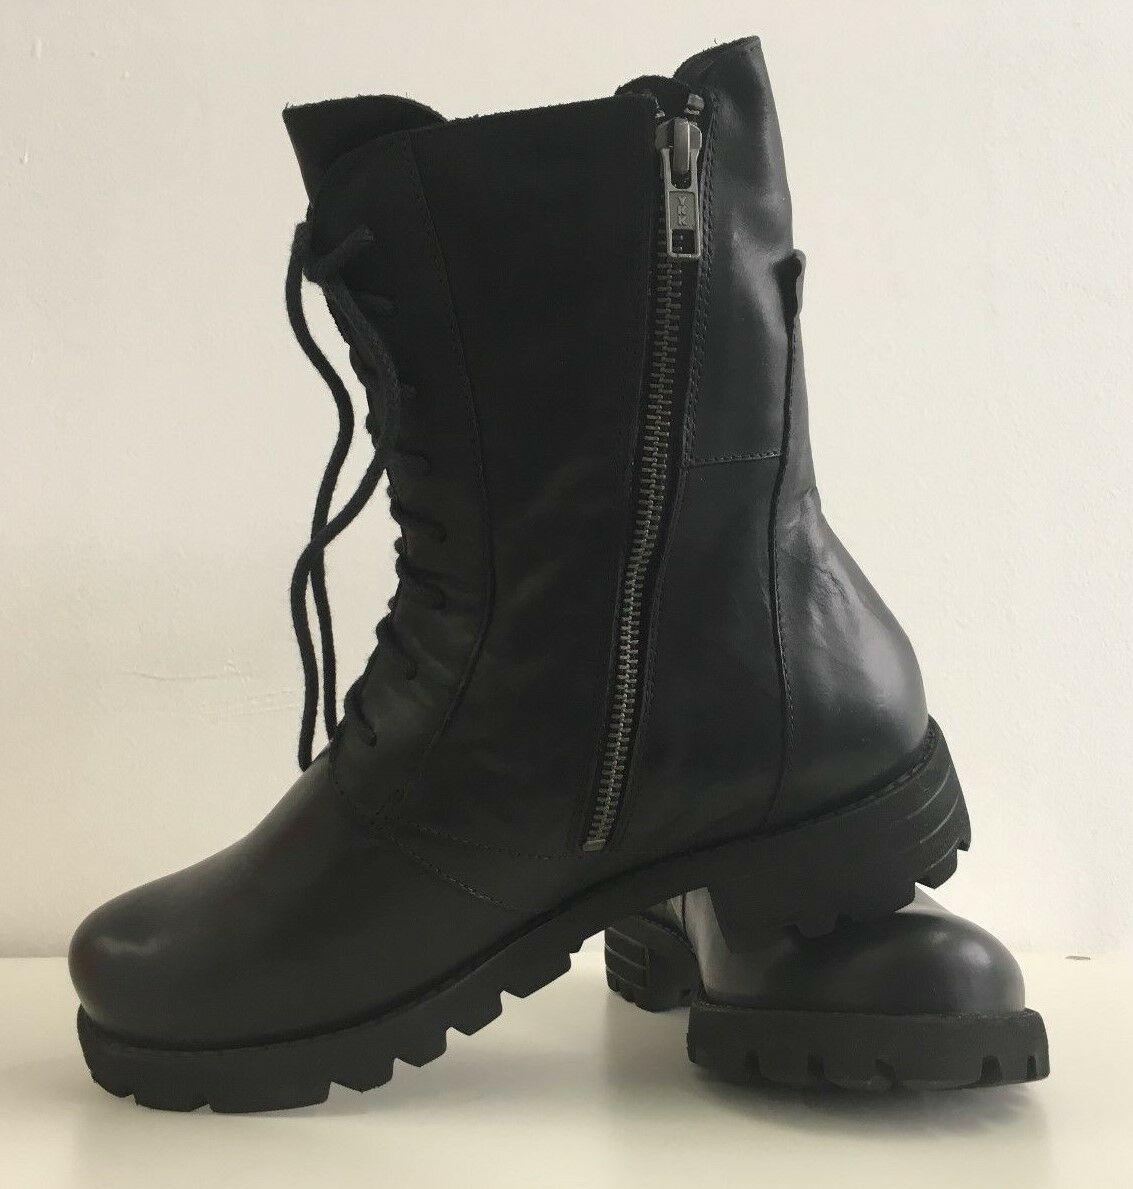 Damen Stiefelette Schuhe schwarz Stiefel Winterschuhe THINK  36 NEUWARE TH1-2#